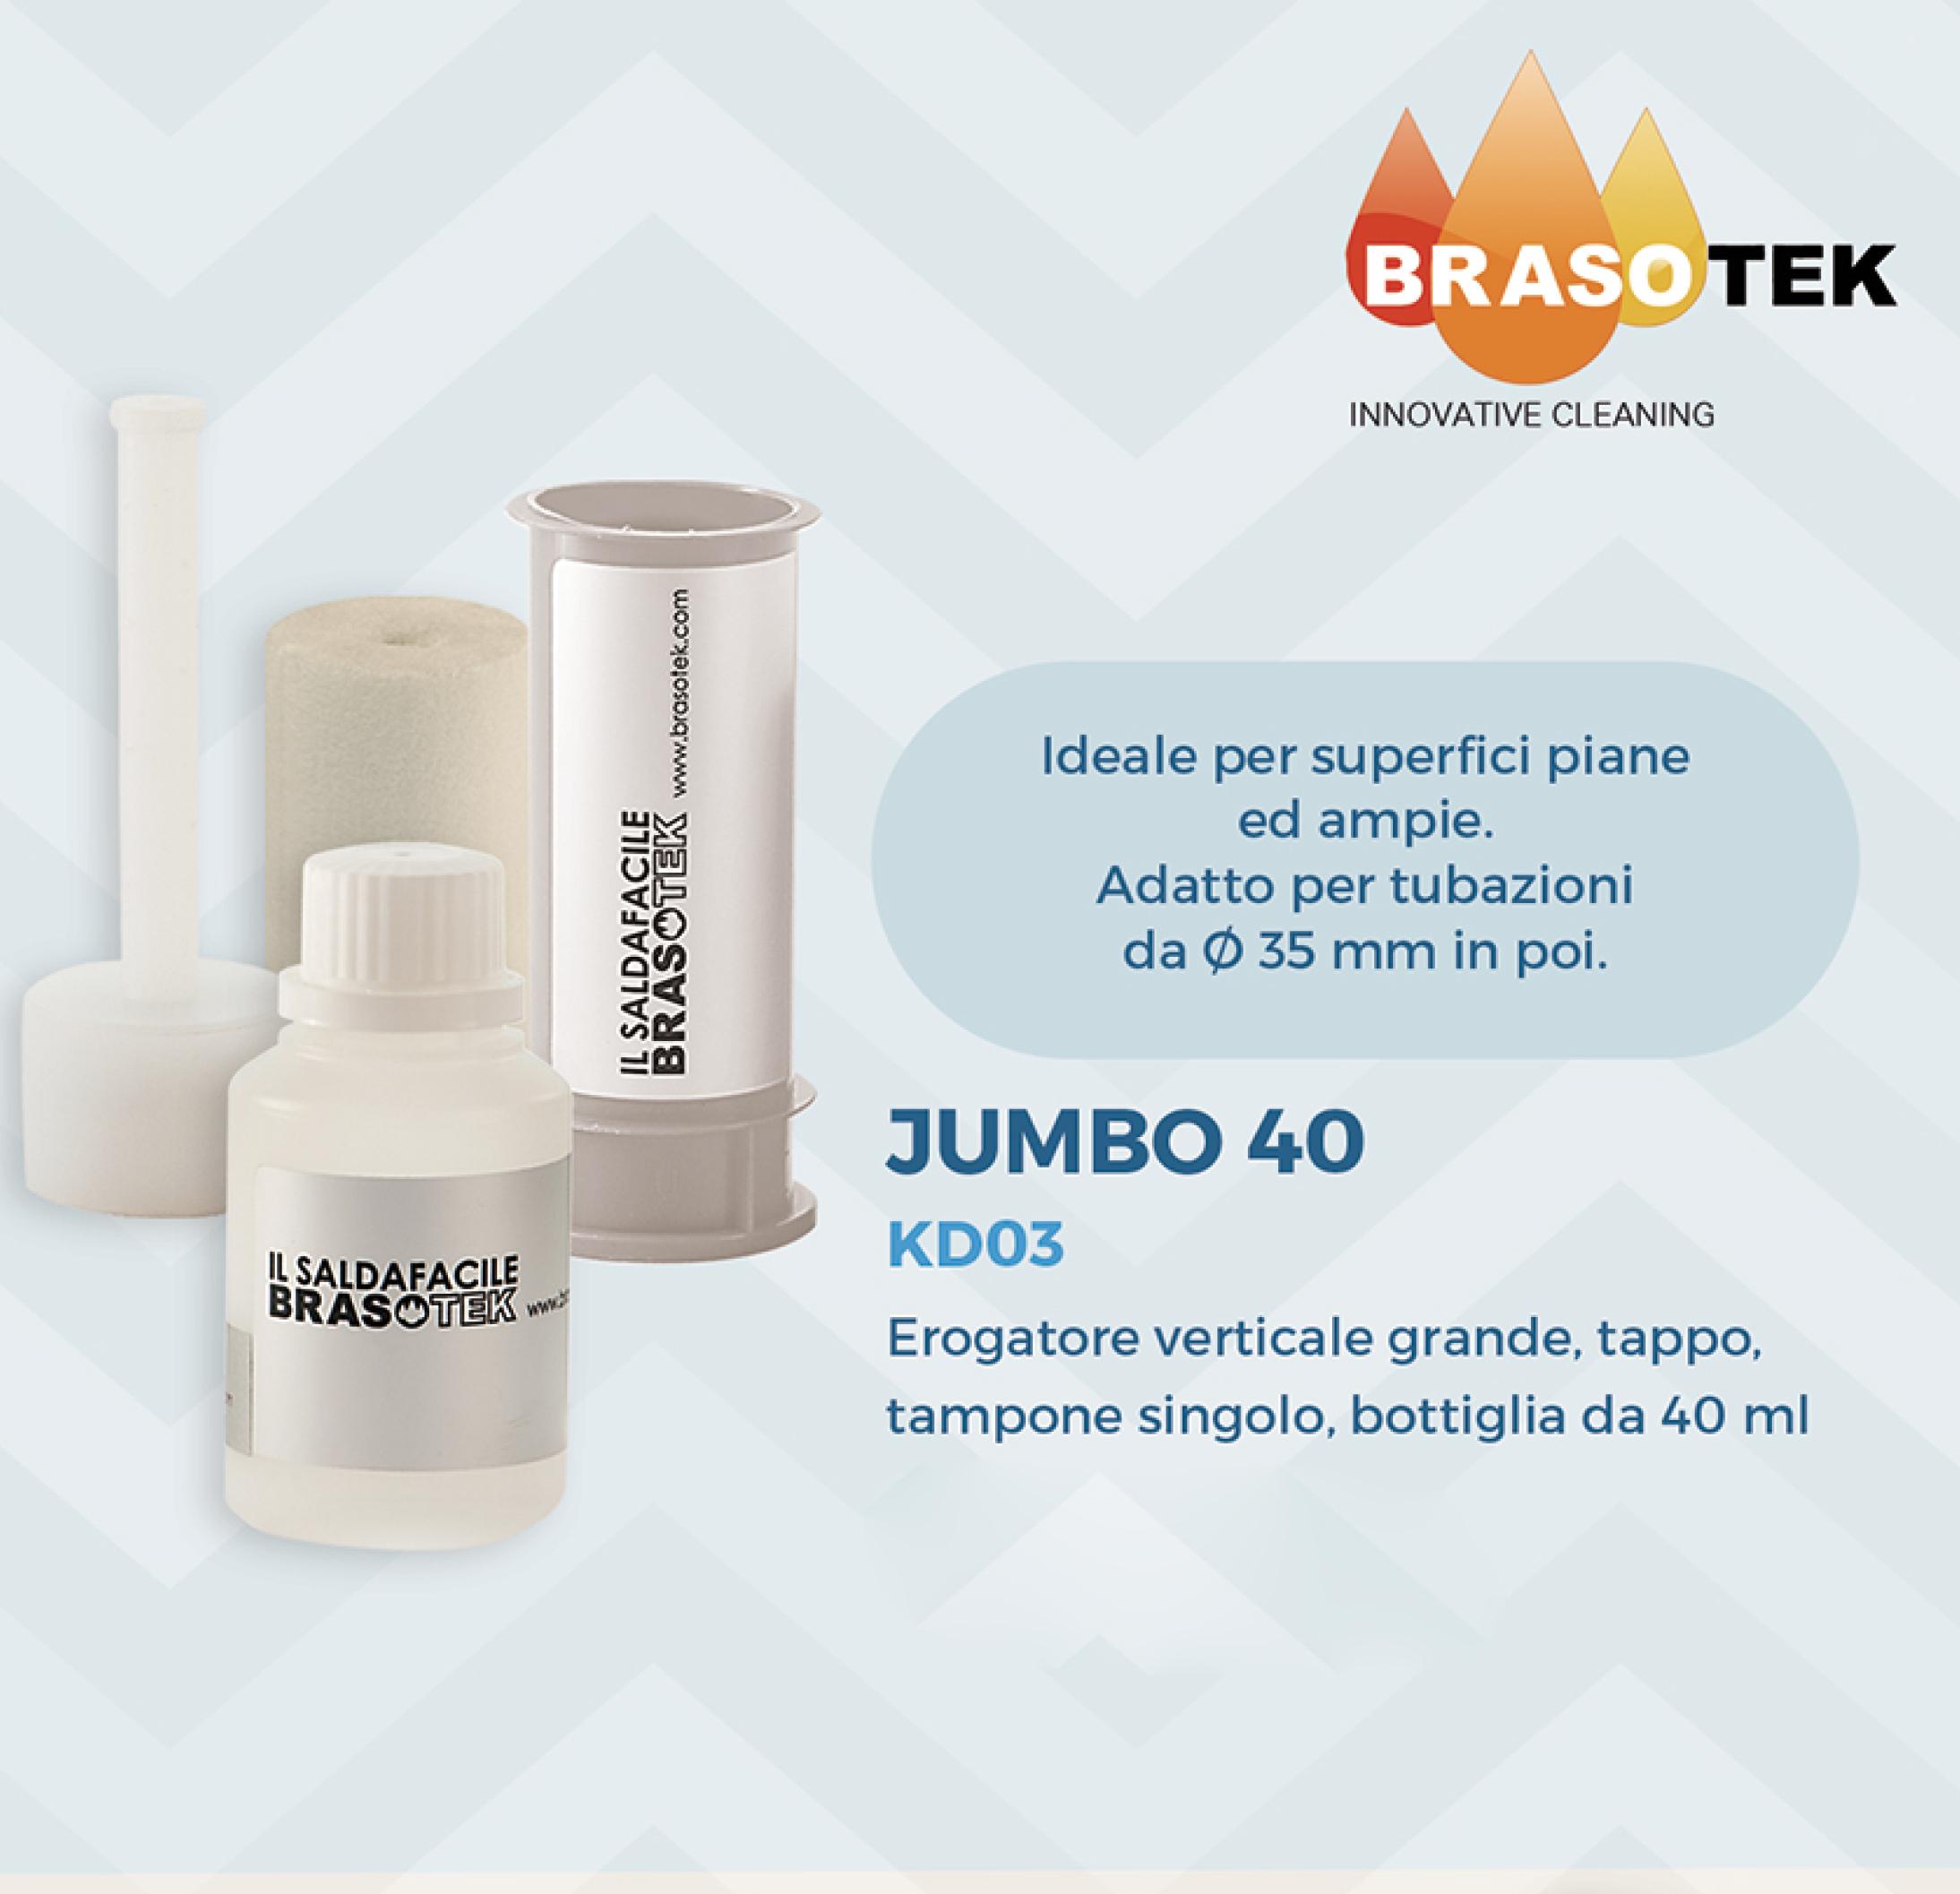 Brasotek - Kit Jumbo 40 codice KD03 - Composto da 1 flacone da 40 ml, erogatore verticale grande, tampone, tappo ermetico - adatto per tubi diametro oltre 35 mm.